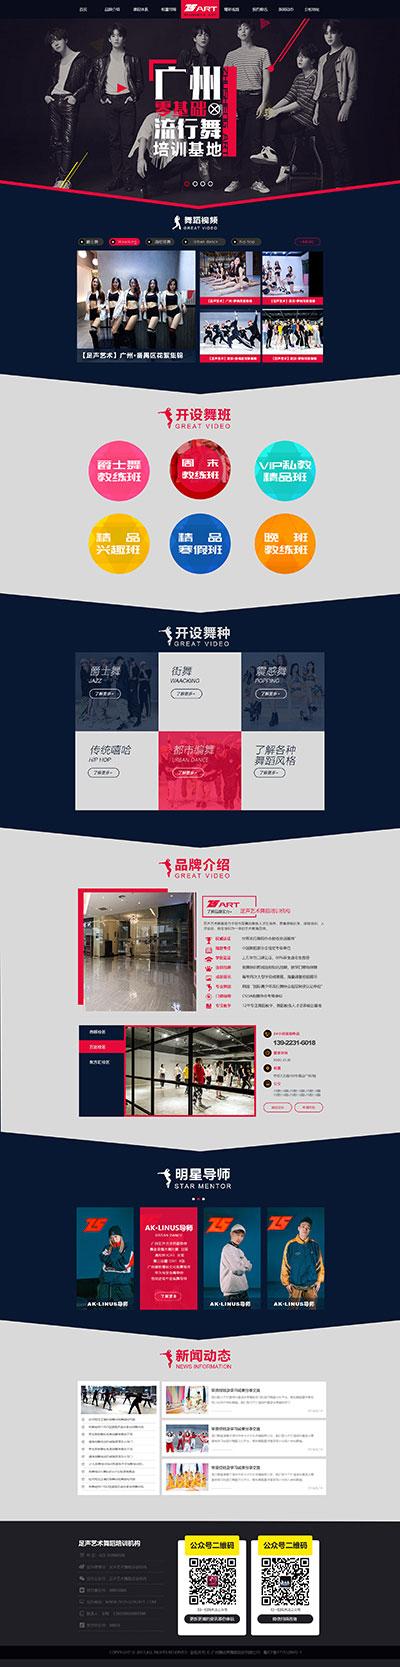 教育培訓網站(zhan)